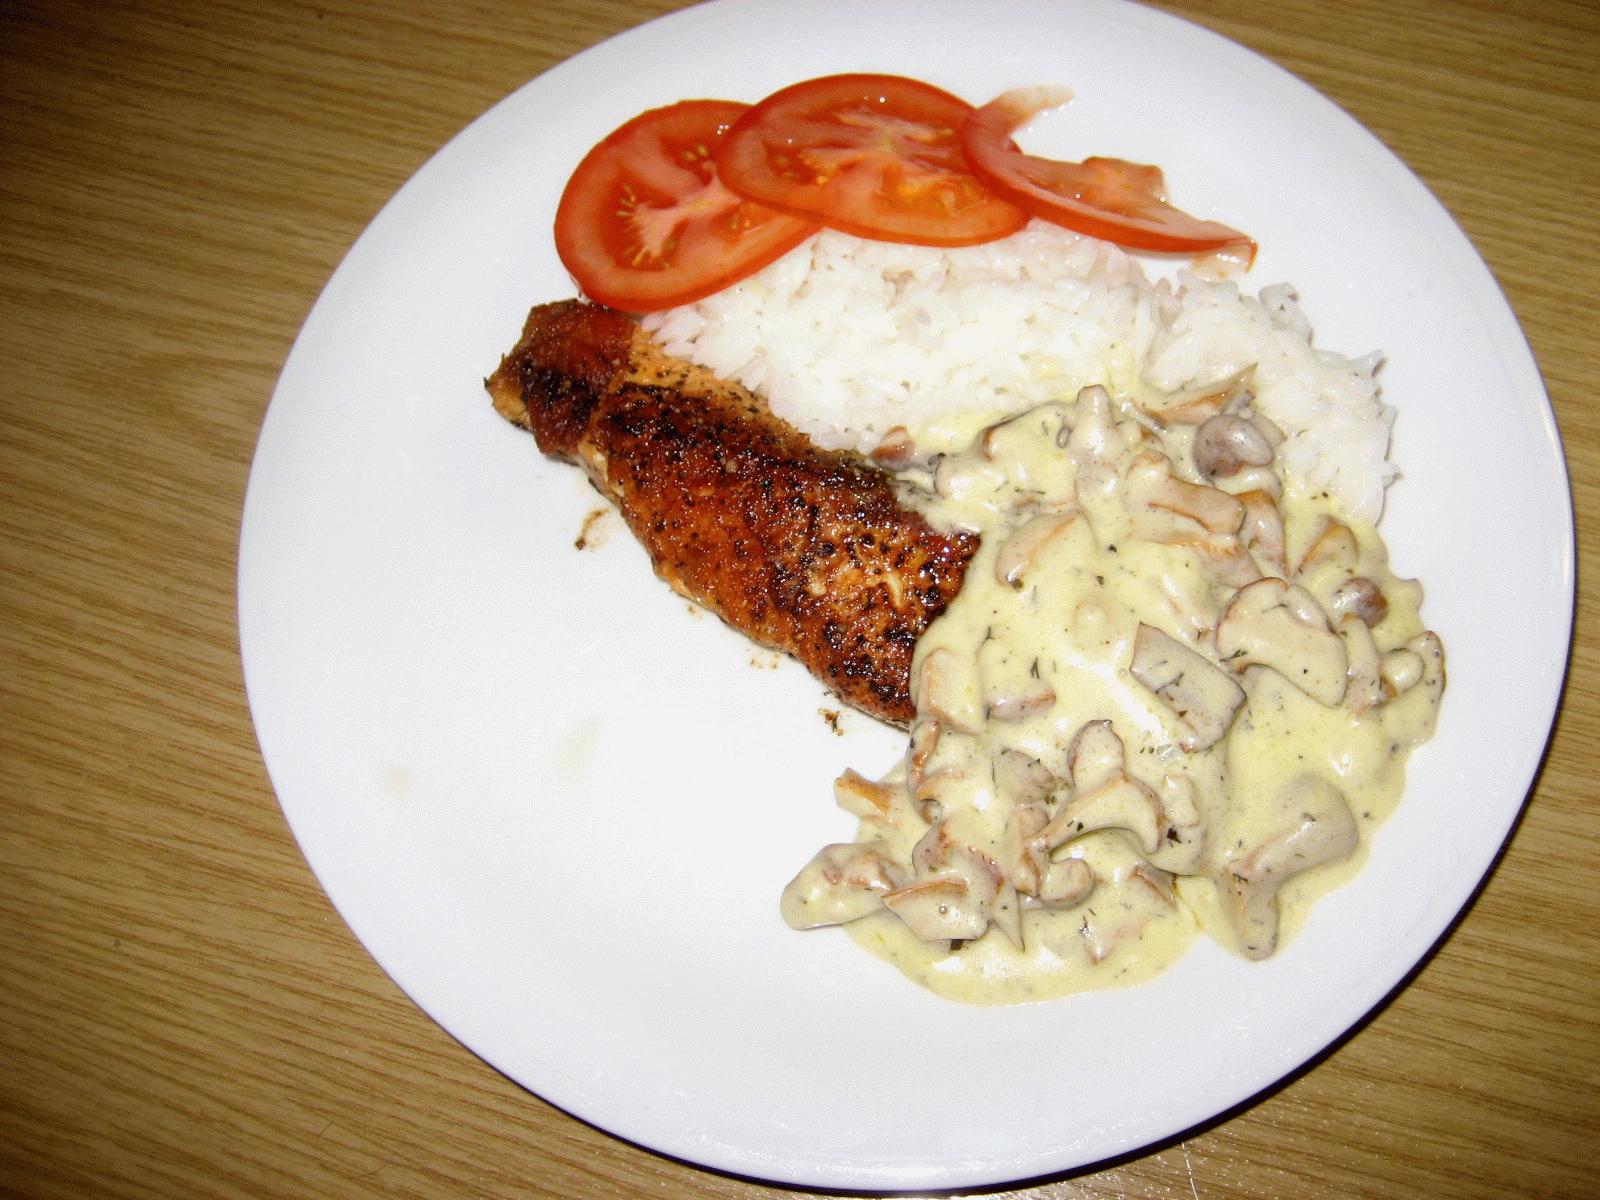 Varm sås till stekt fisk